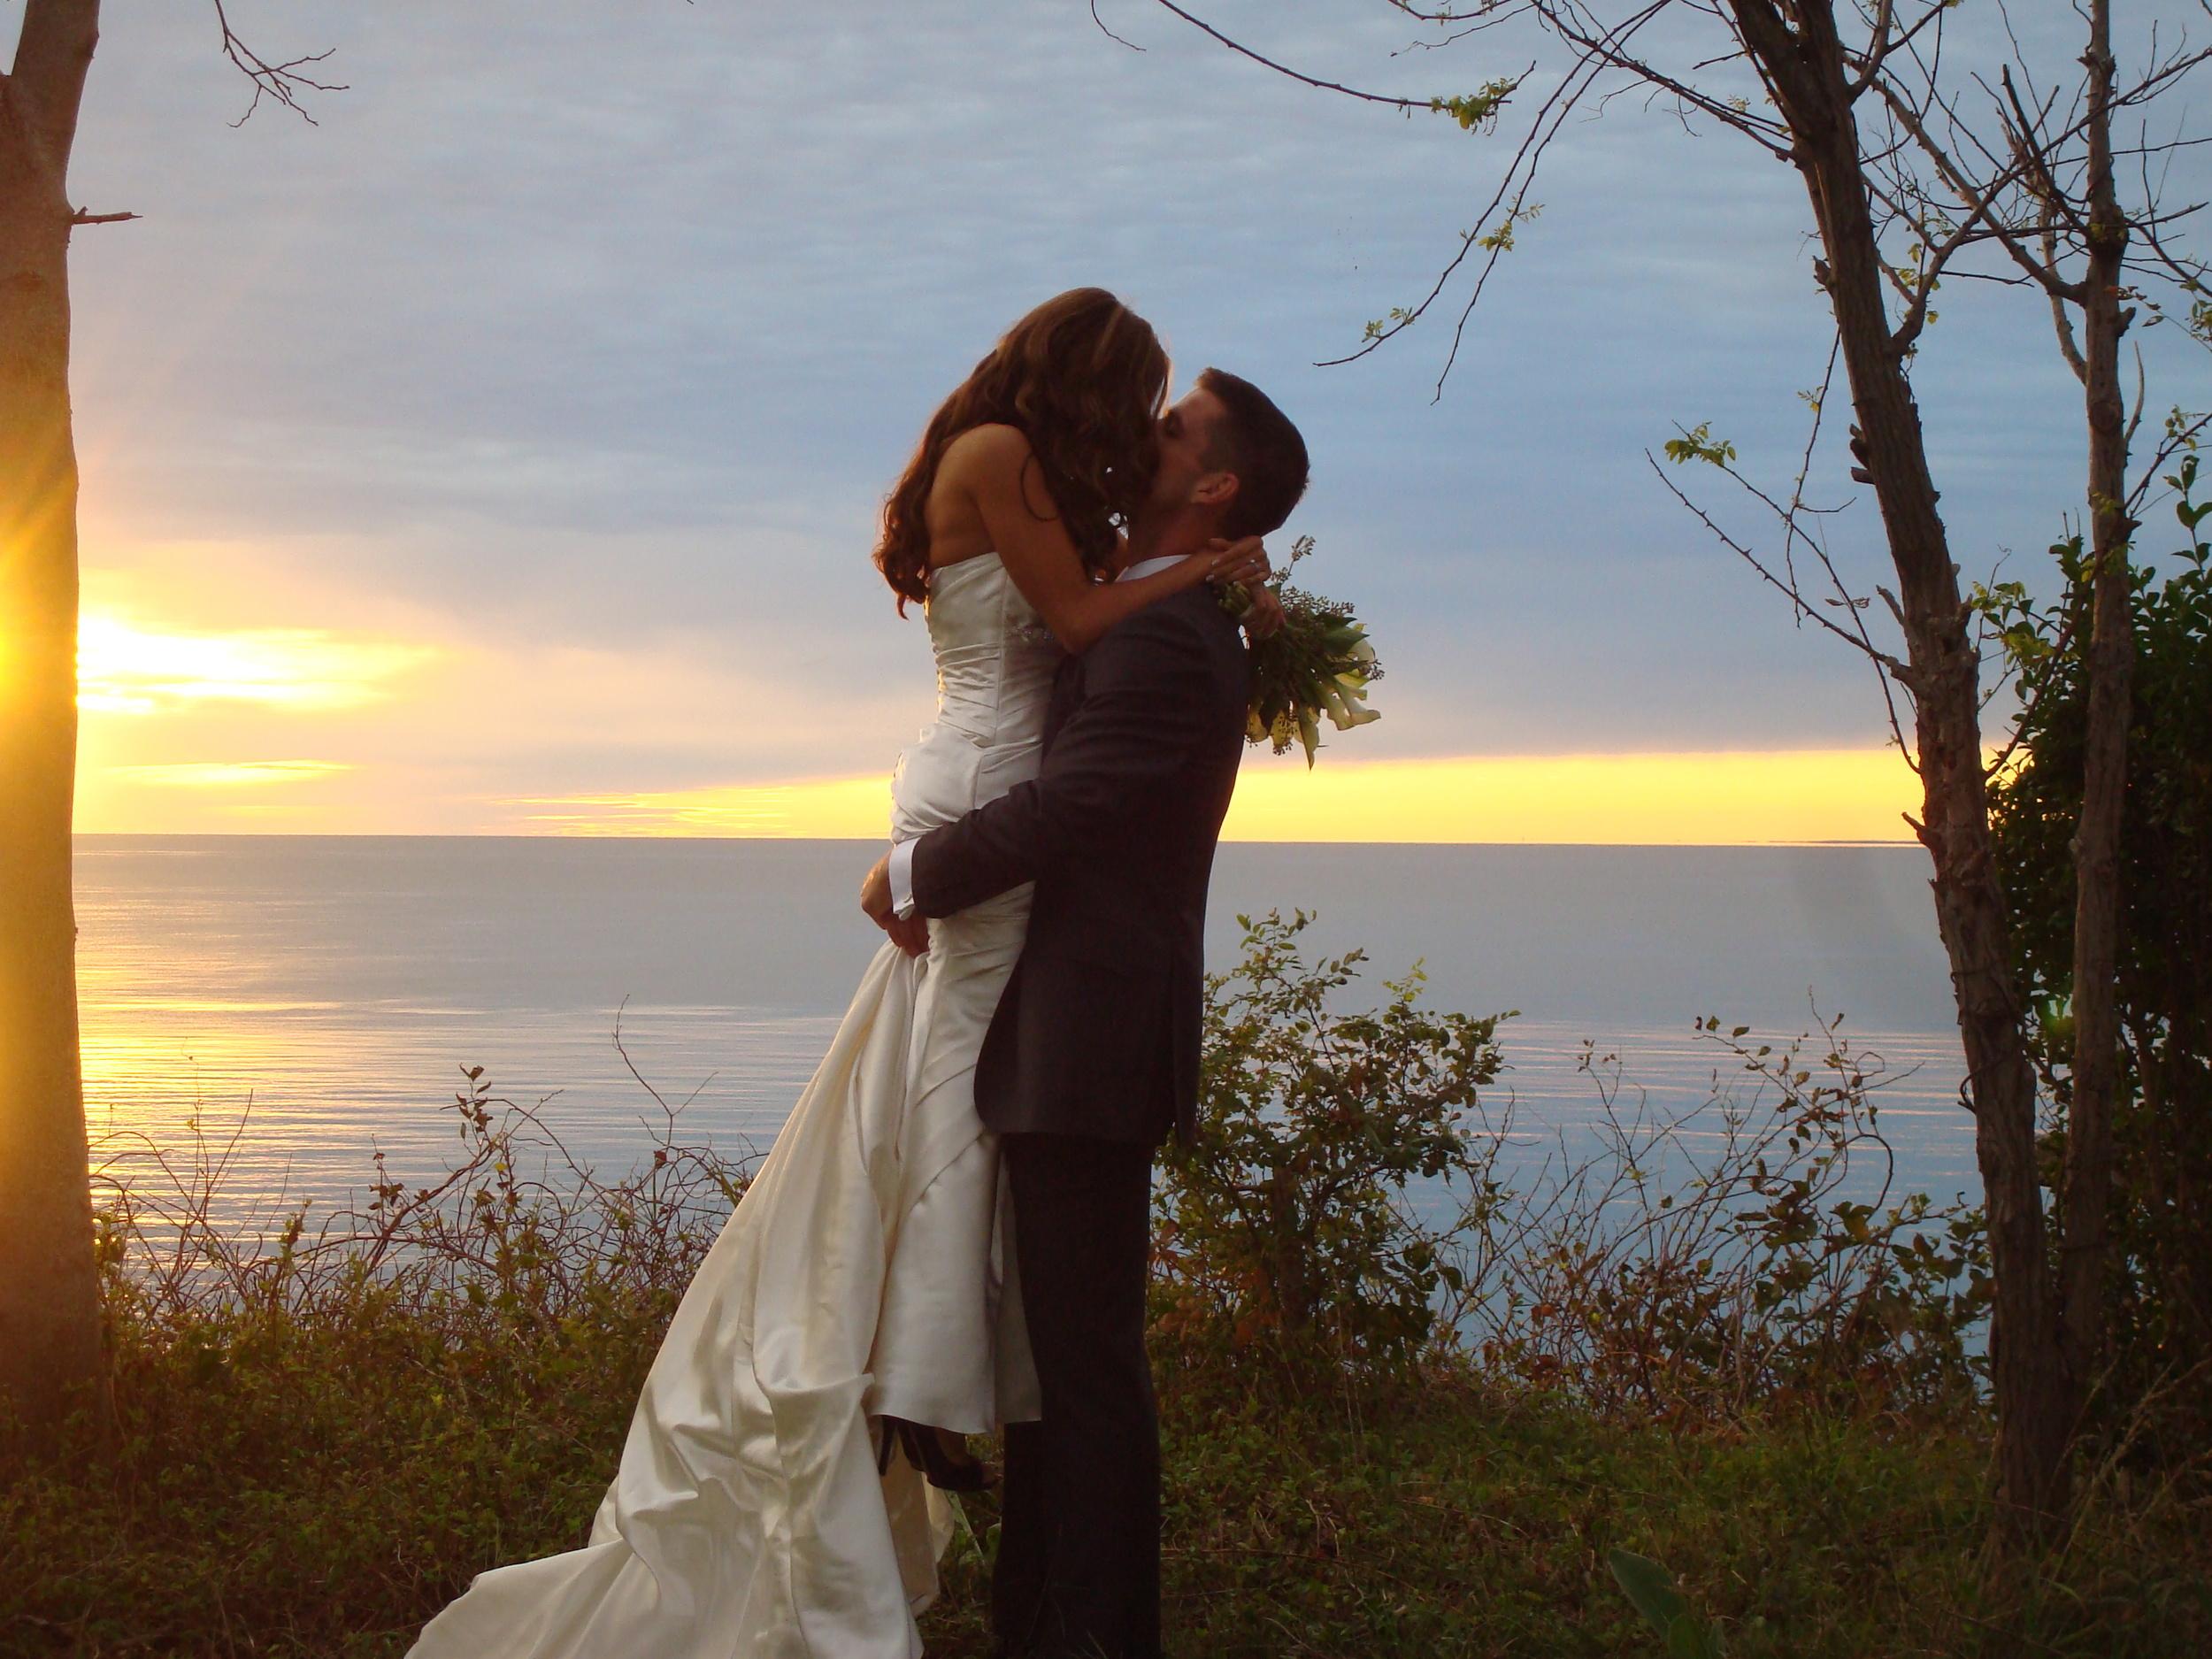 Mannix wedding 9-17-11 104.jpg